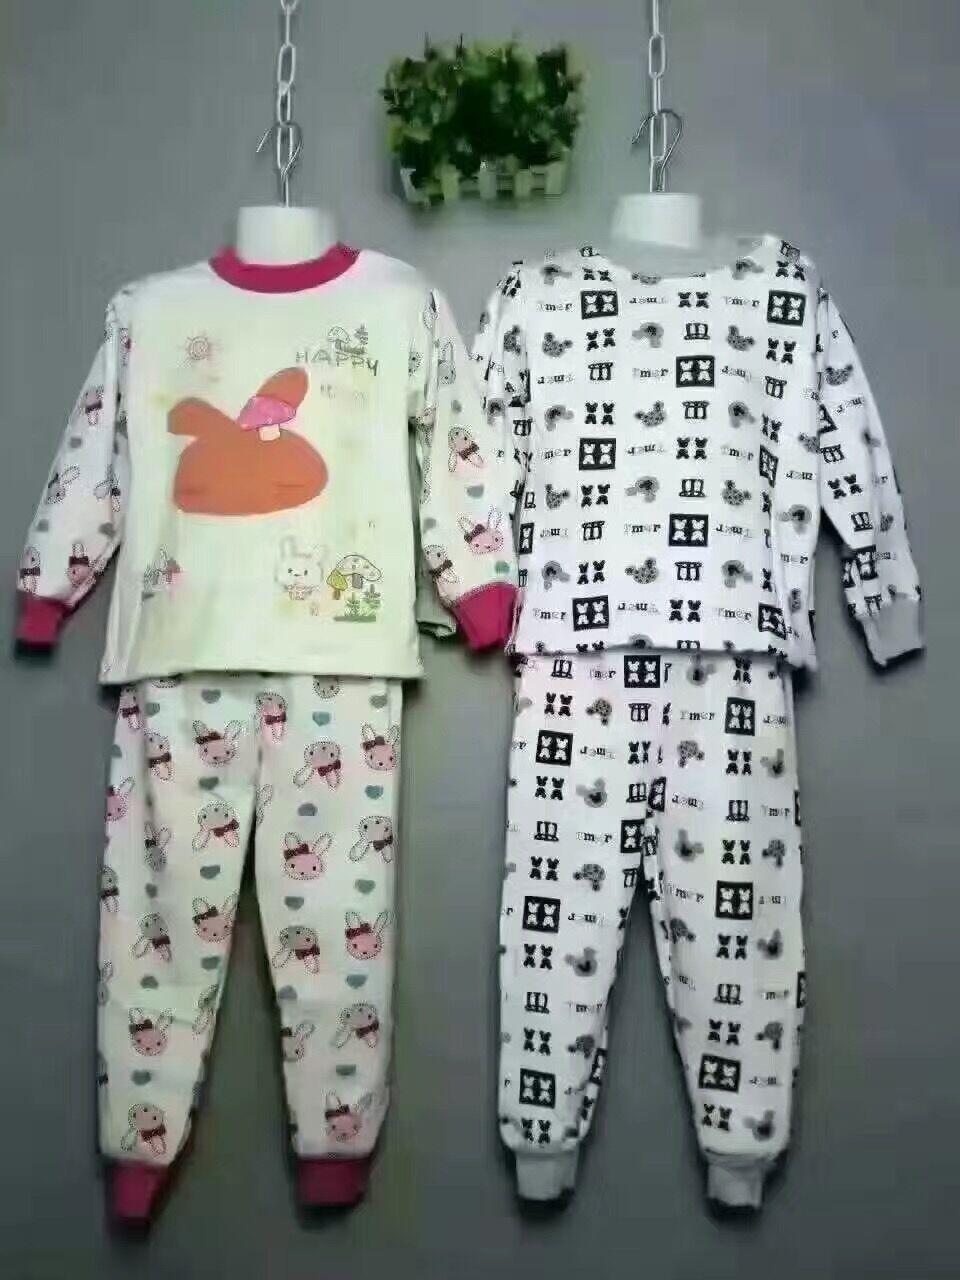 超柔保暖套装  儿童纯棉保暖套装  儿童保暖套装新款